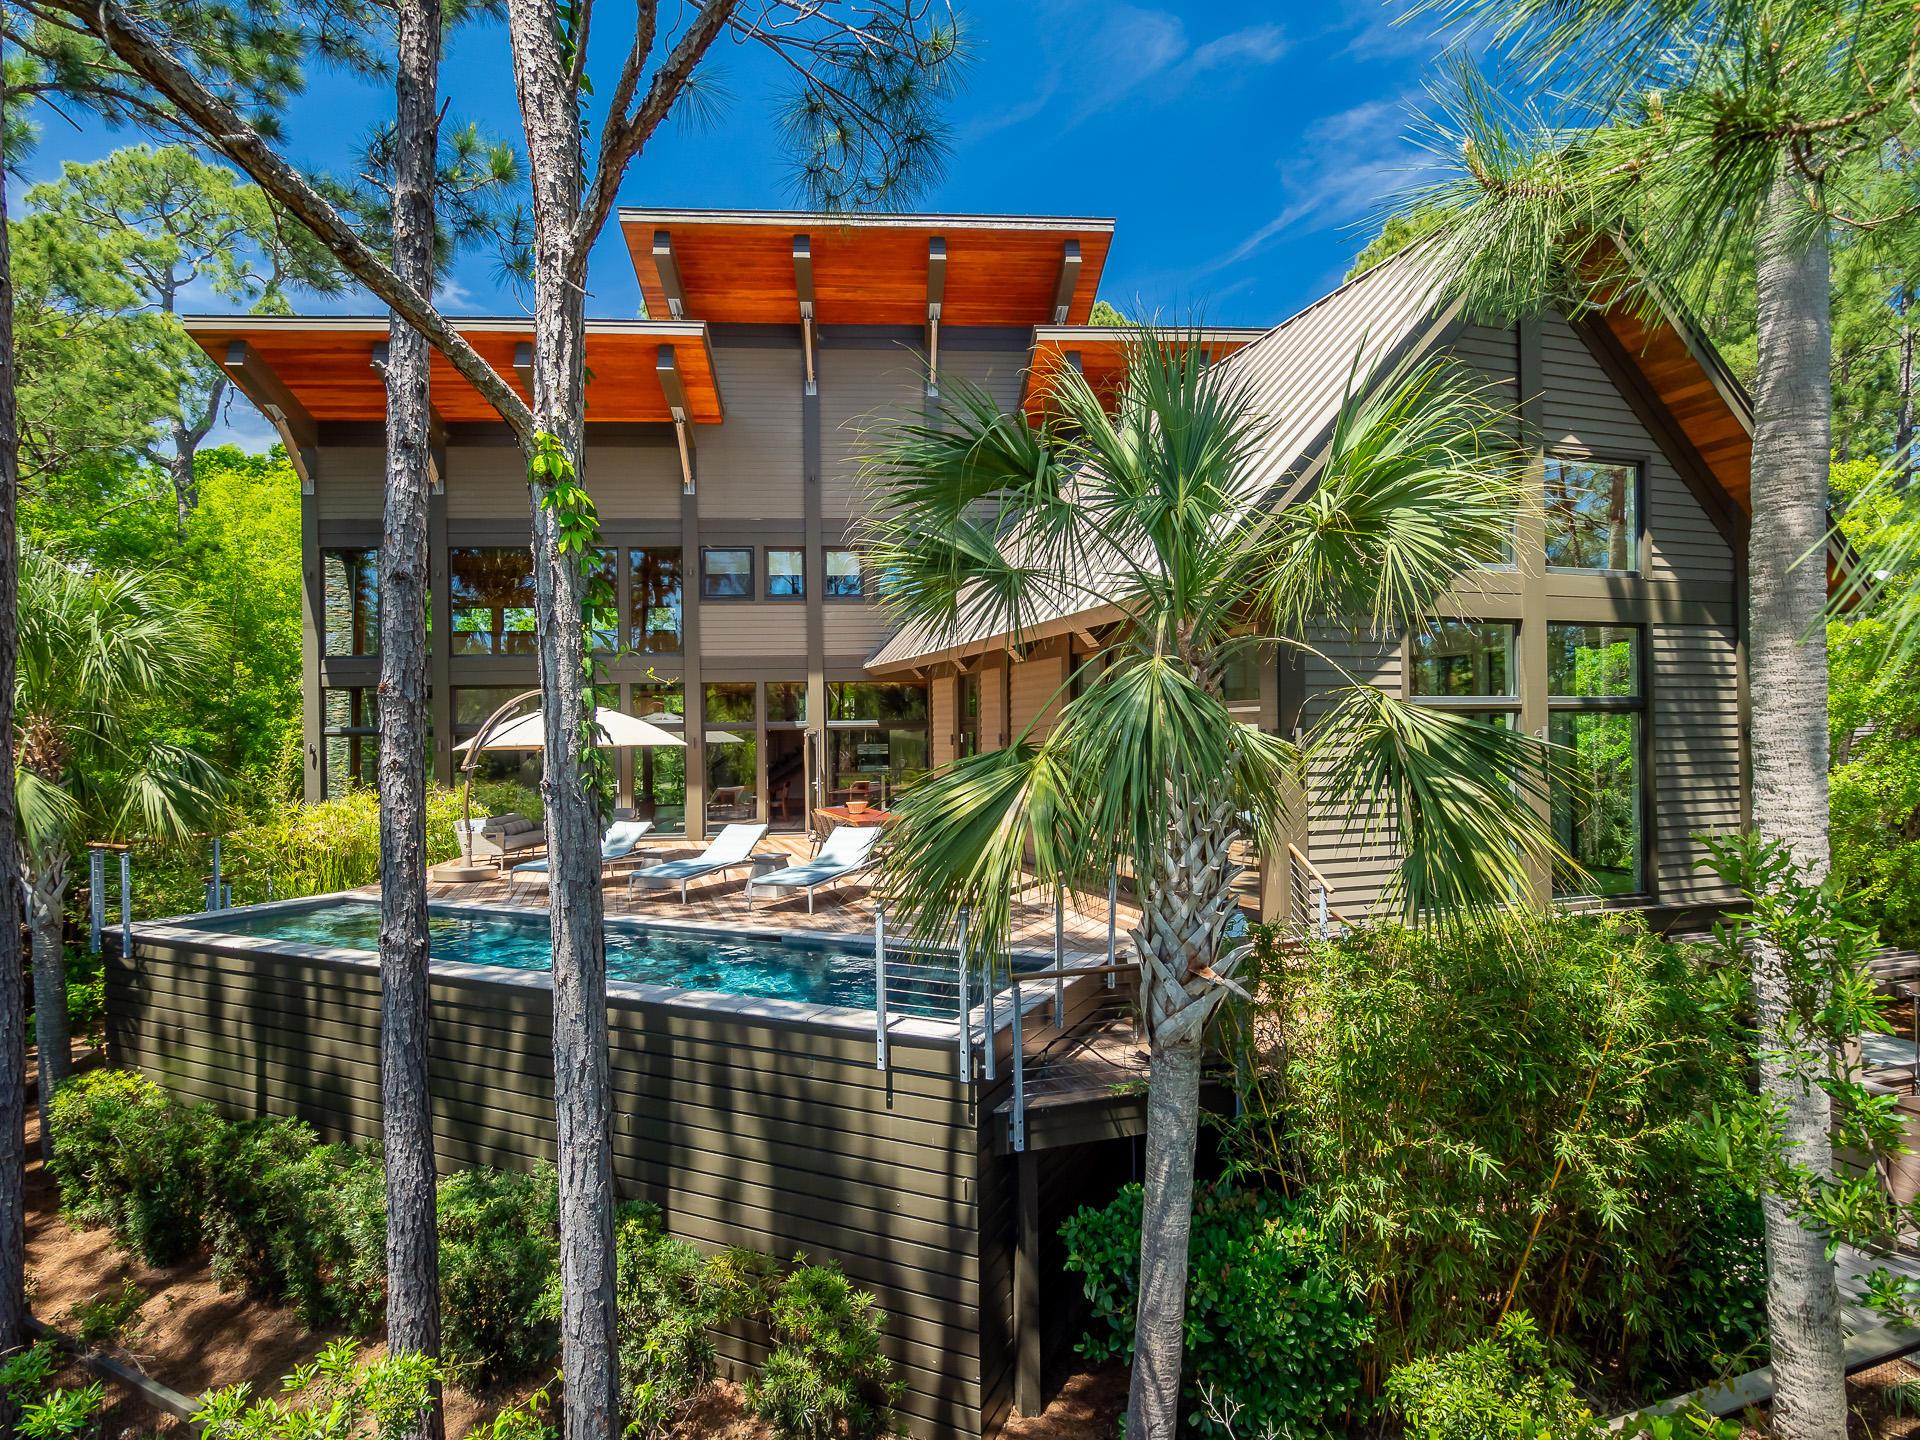 Kiawah Island Homes For Sale - 102 Blue Heron Pond, Kiawah Island, SC - 39